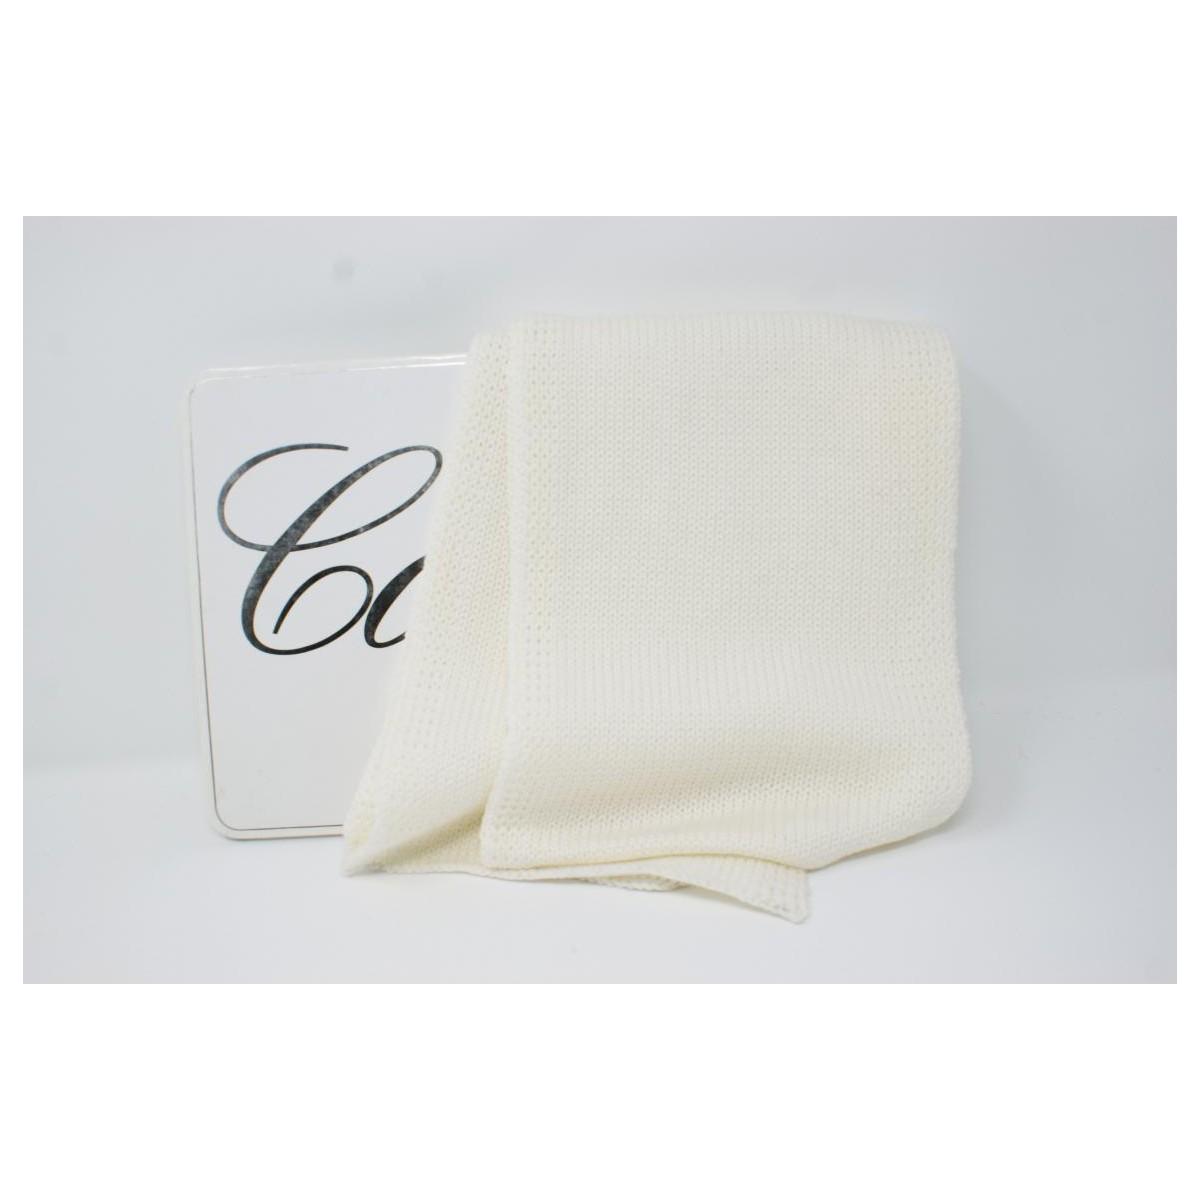 In Sciarpa Bianco Lana Italy Merino Made Colore Lana Rasata wwq7CZ cb16d773e290